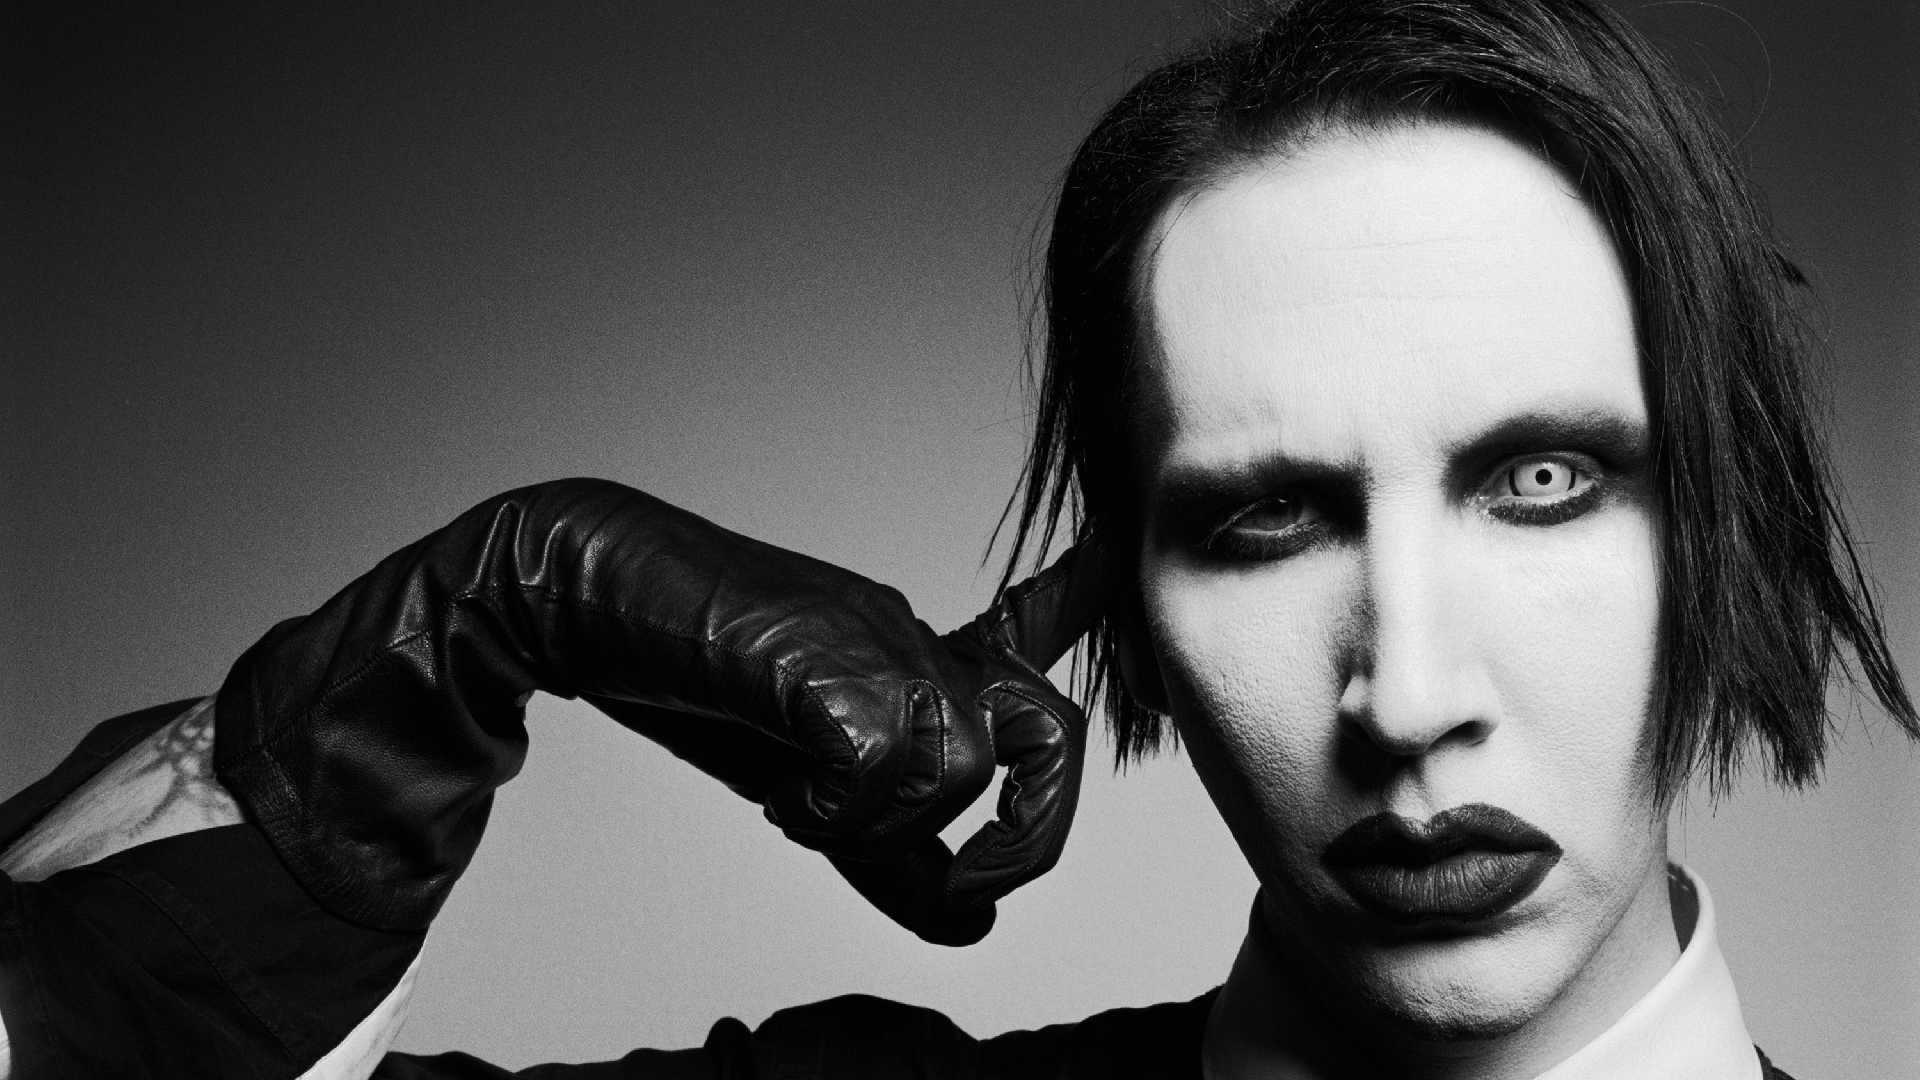 7 maiores polêmicas envolvendo Marilyn Manson